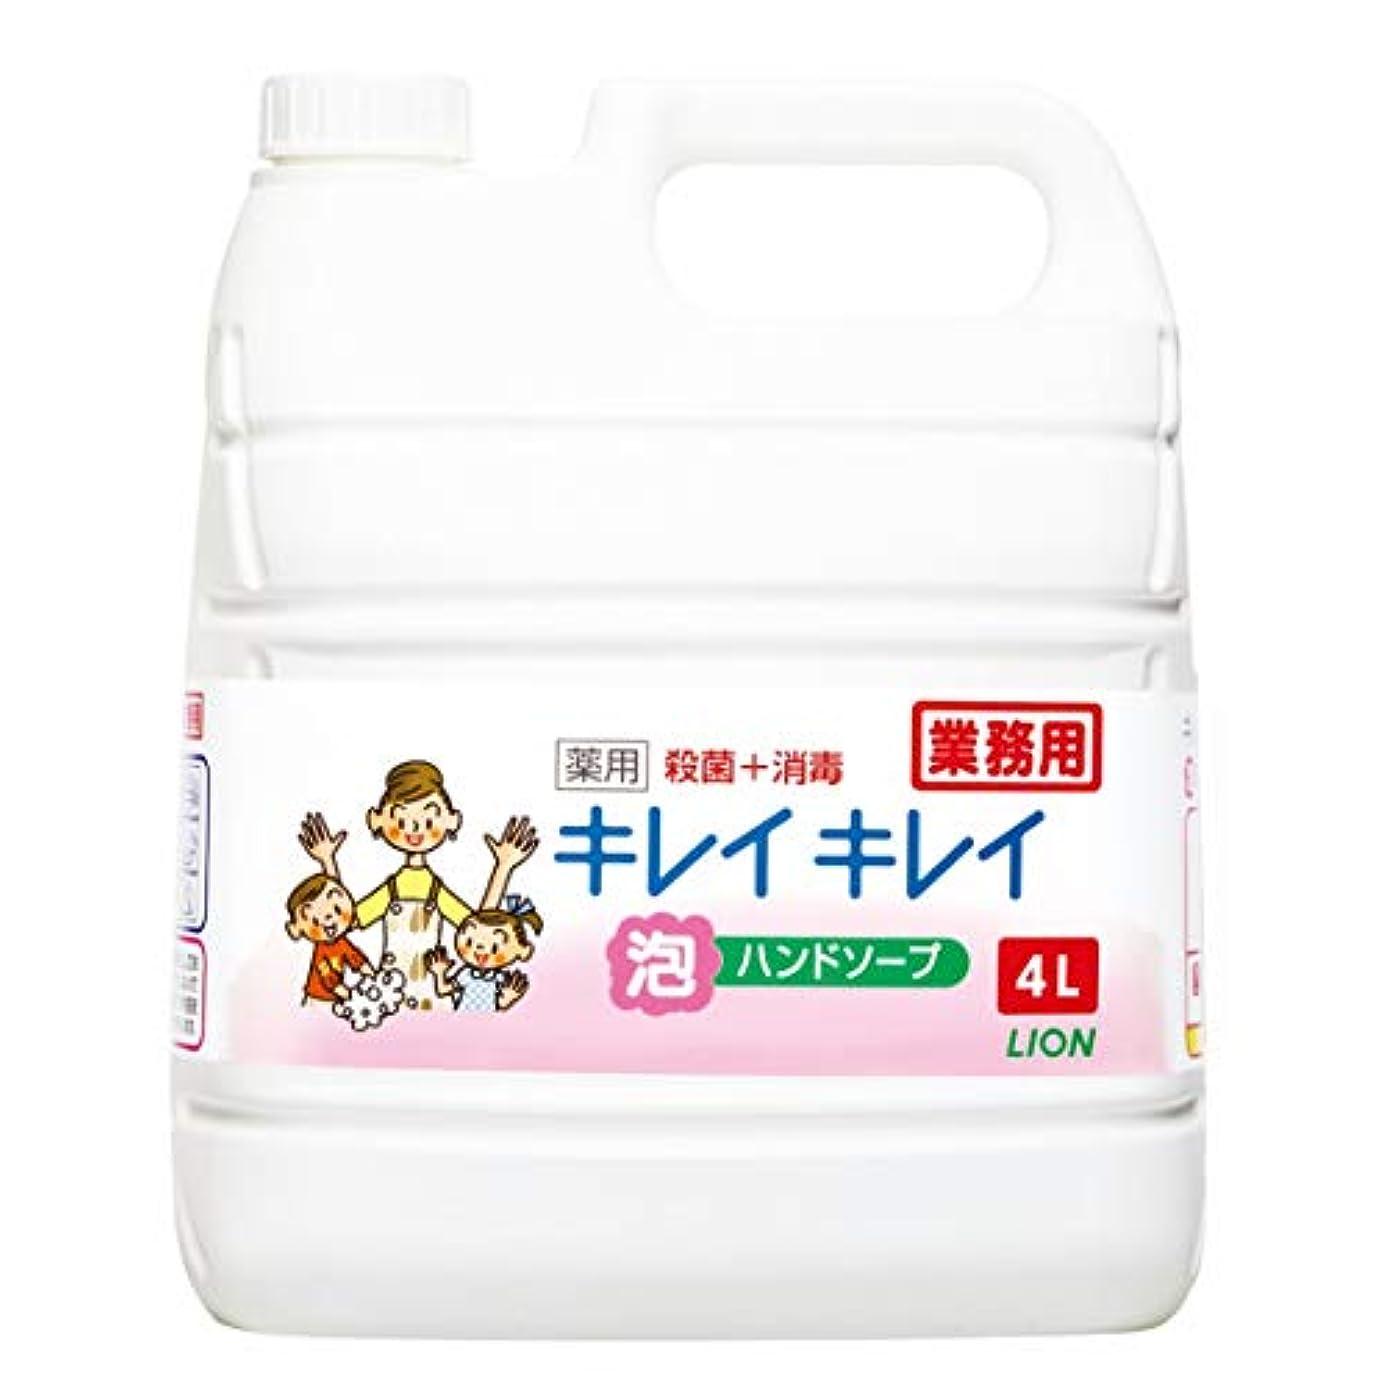 早熟フリース水を飲む【業務用 大容量】キレイキレイ 薬用 泡ハンドソープ シトラスフルーティの香り 液体 単品 4L(医薬部外品)